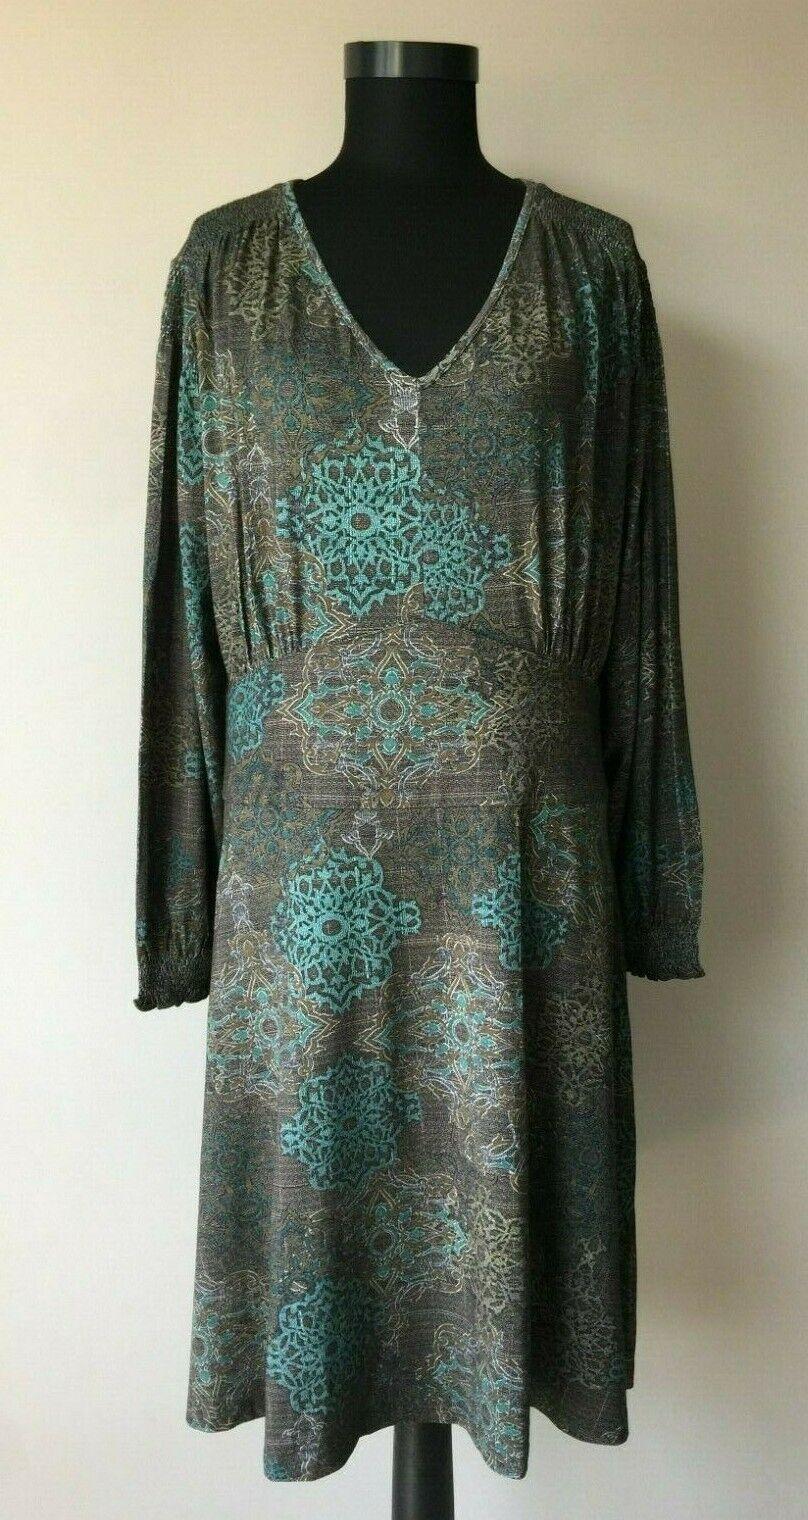 Deerberg Damen Jersey Stretch Kleid gr.XL Neu!